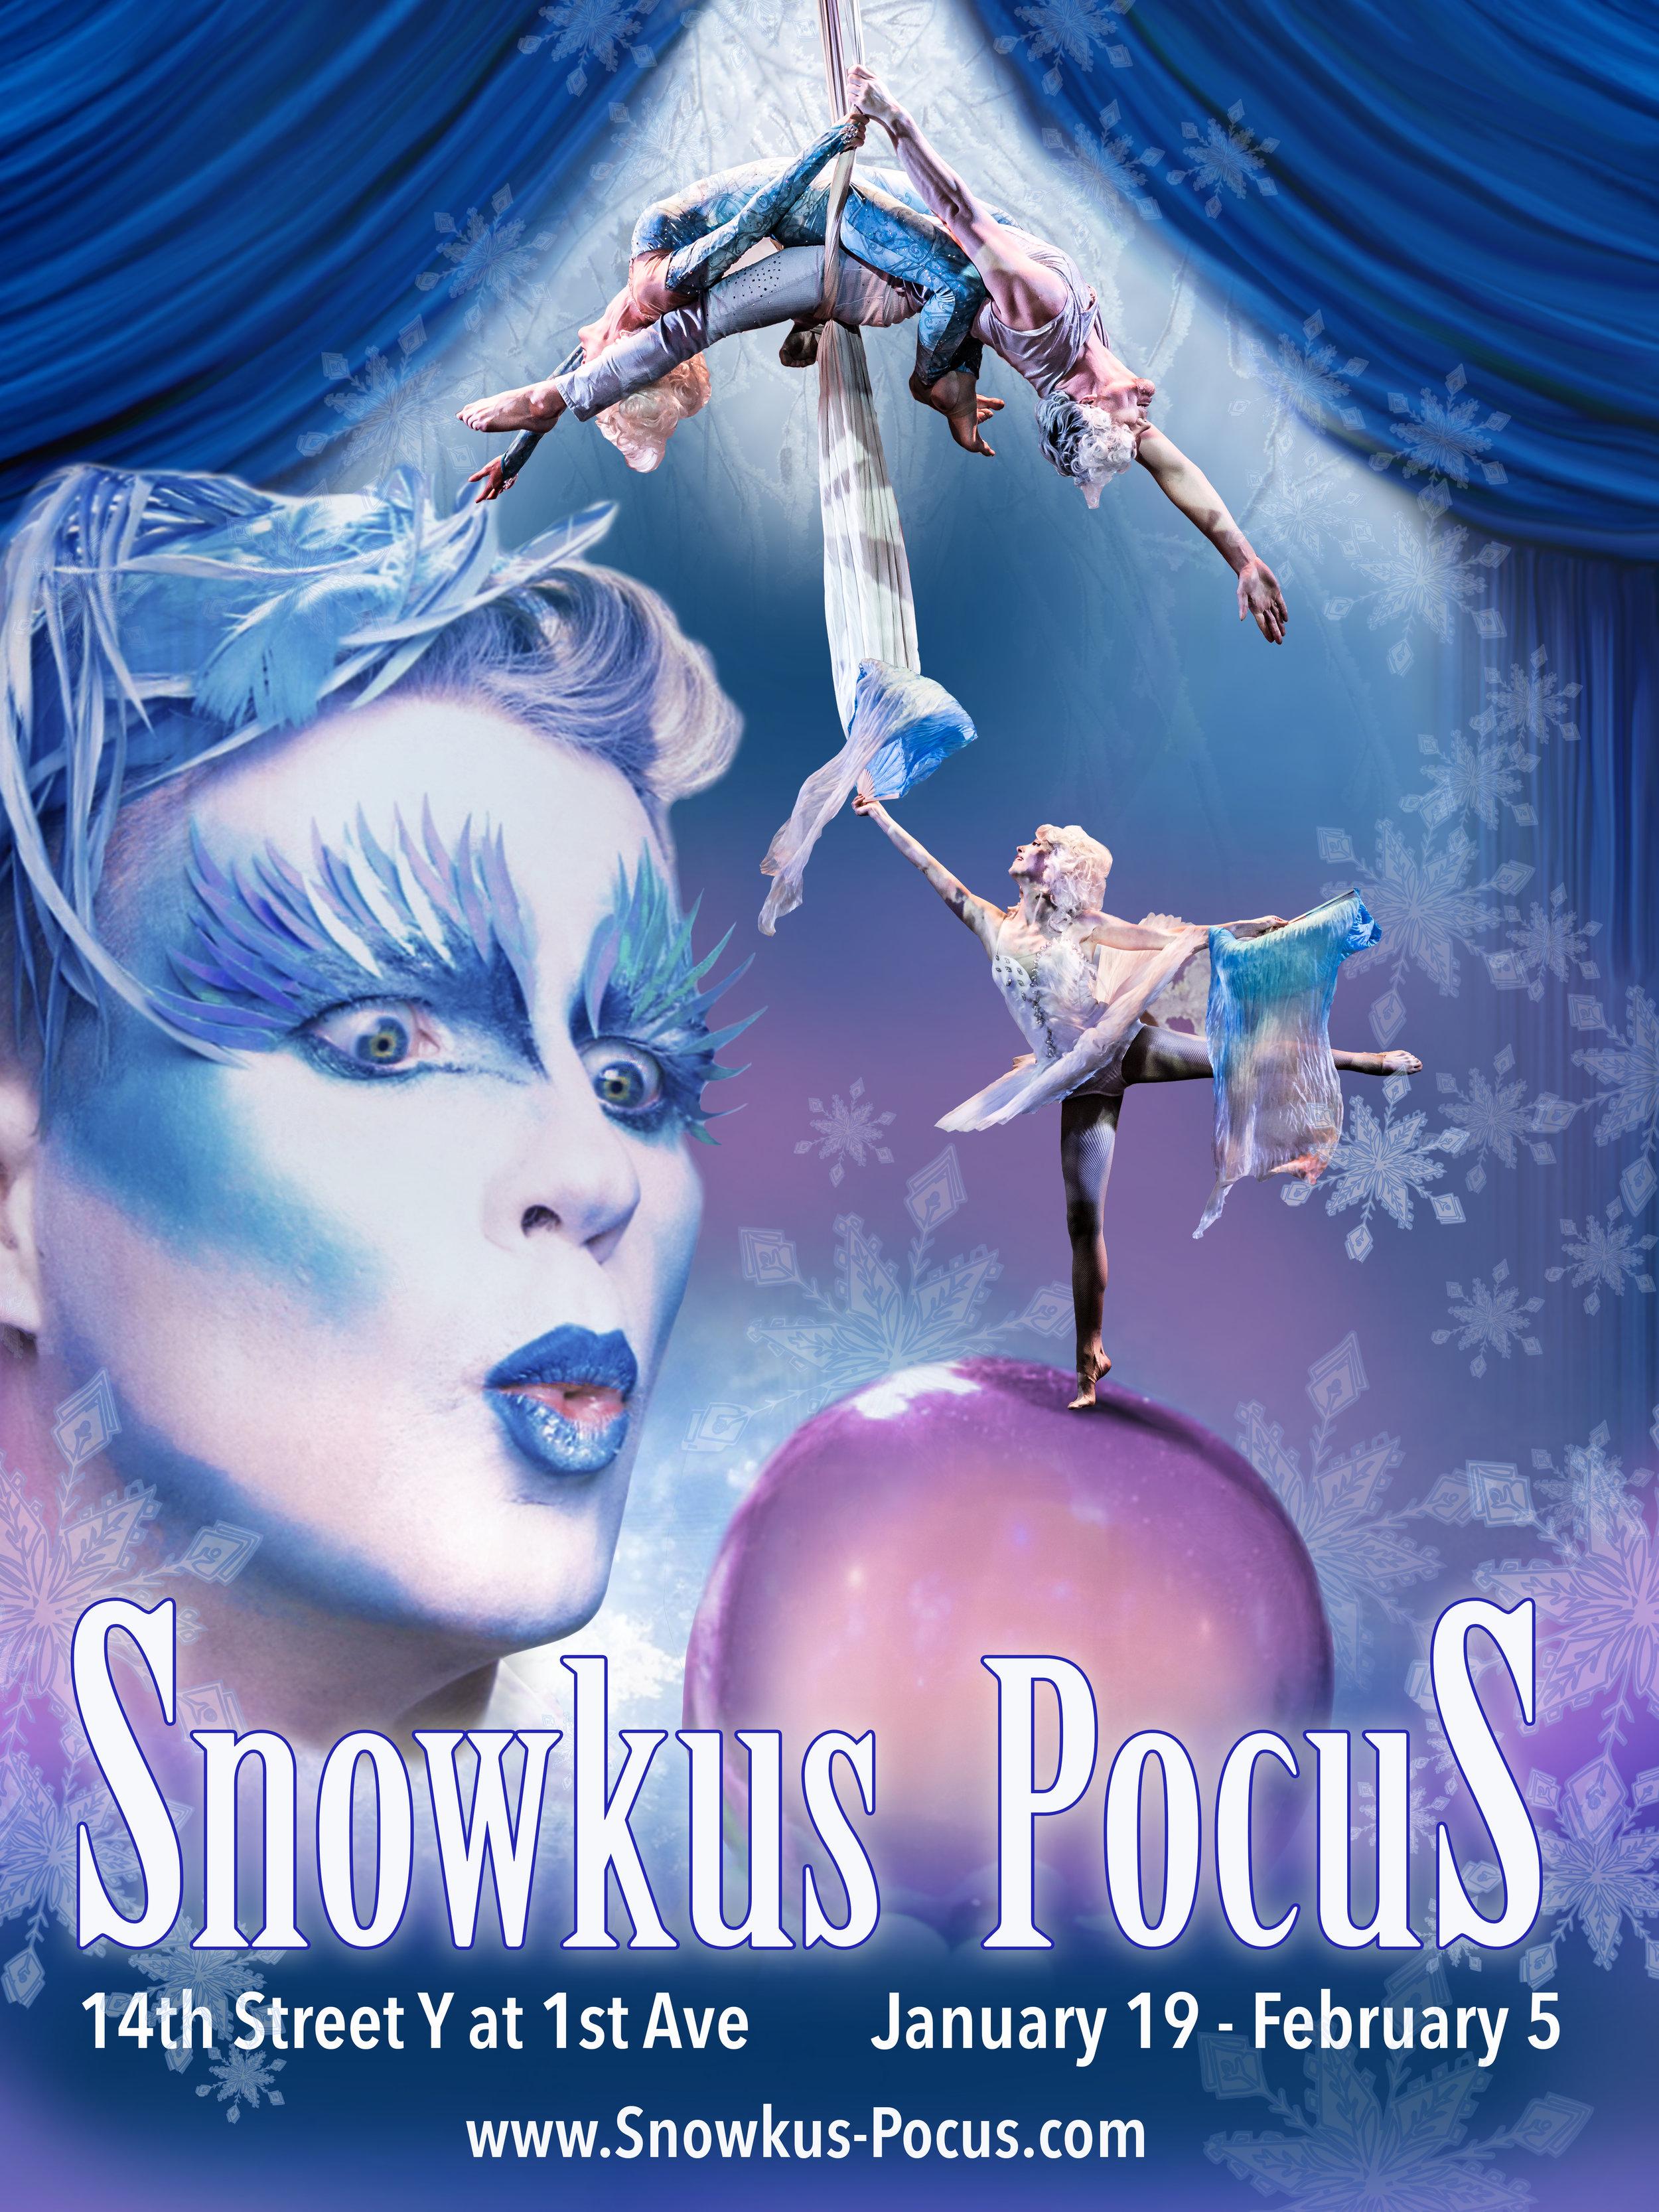 Snowkus Pocus - Poster - 14th St. Y - 2017 - version 1 - Hir-res.jpg